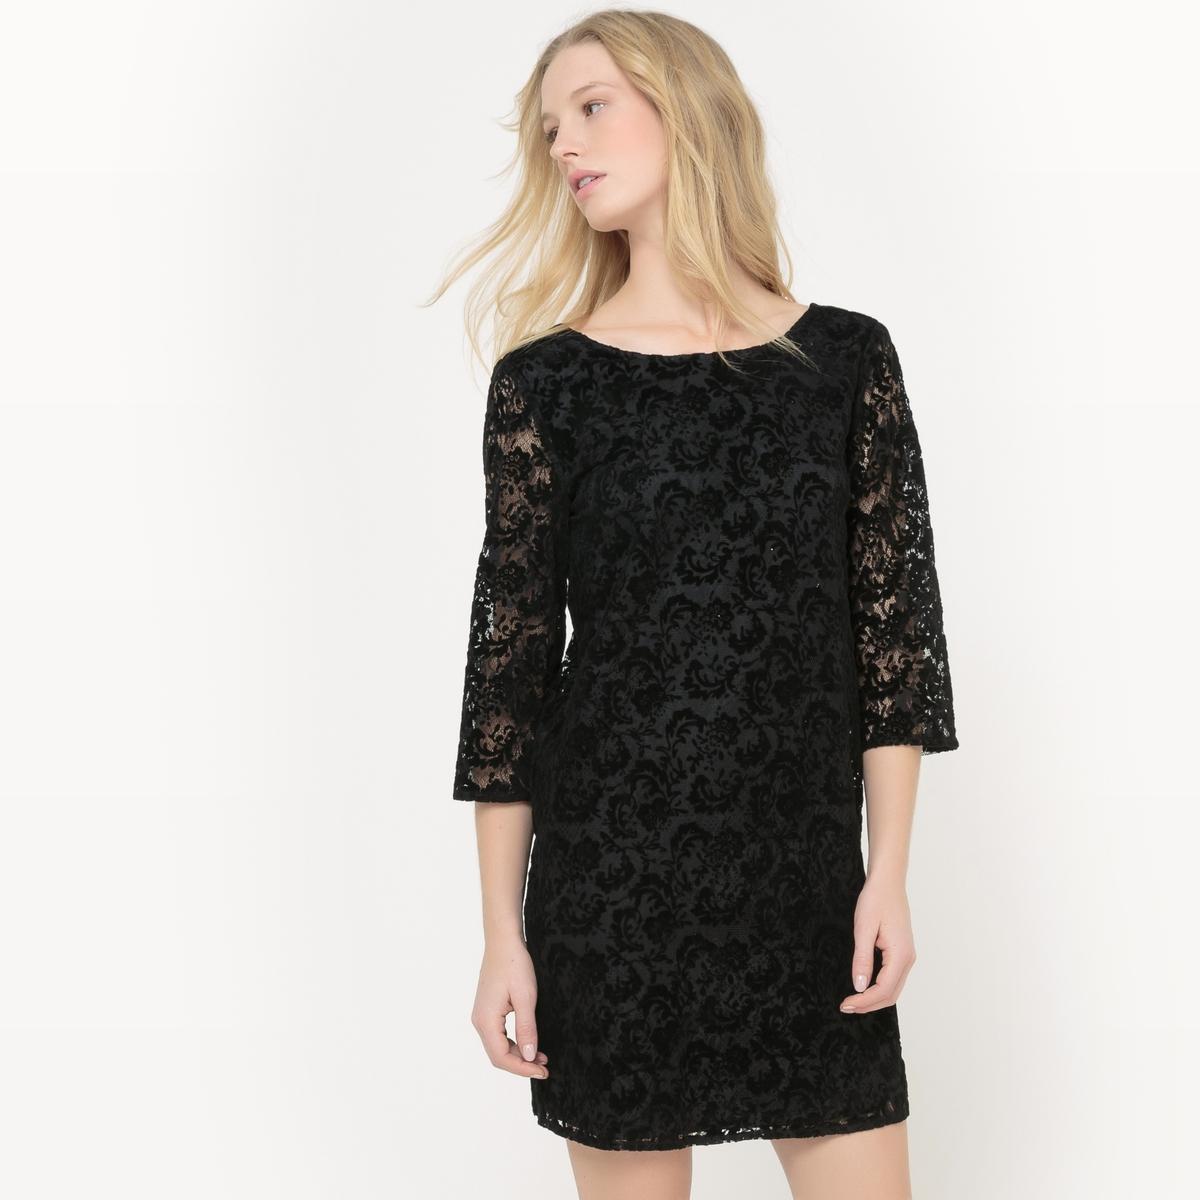 Платье La Redoute Из велюра с цветочным рисунком 34 (FR) - 40 (RUS) черный платье la redoute длинное с цветочным рисунком и напускным эффектом 34 fr 40 rus черный